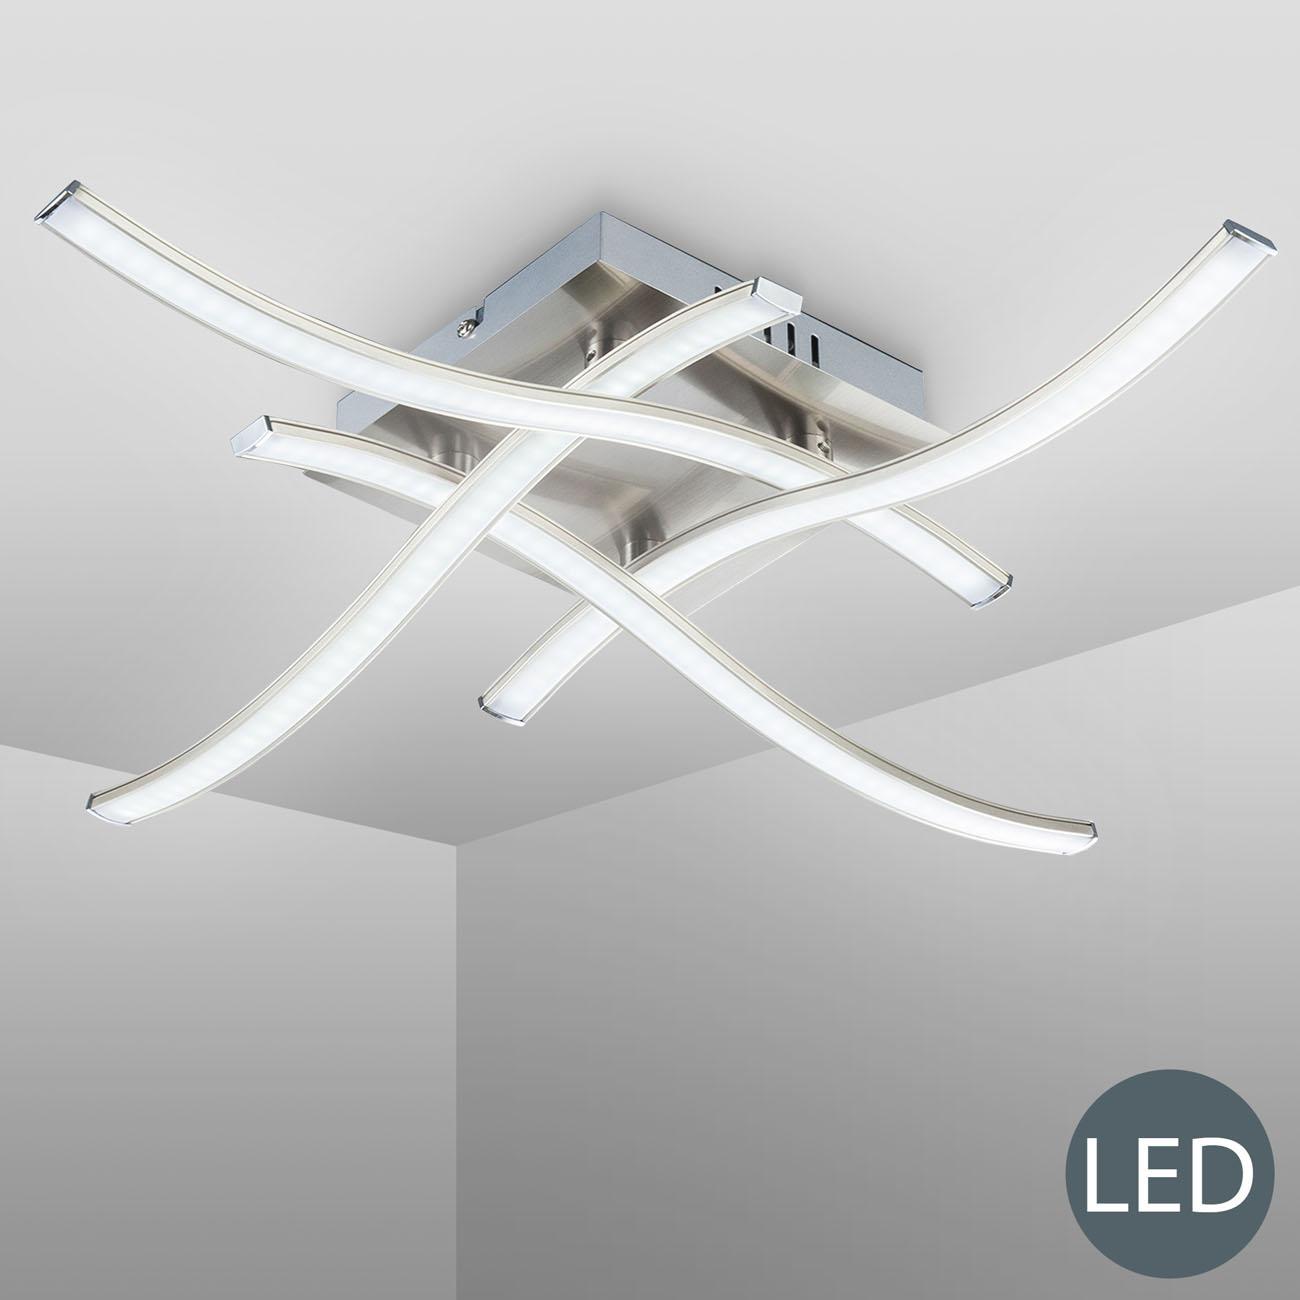 LED Design Deckenleuchte Wellenform 4-flammig  - 3